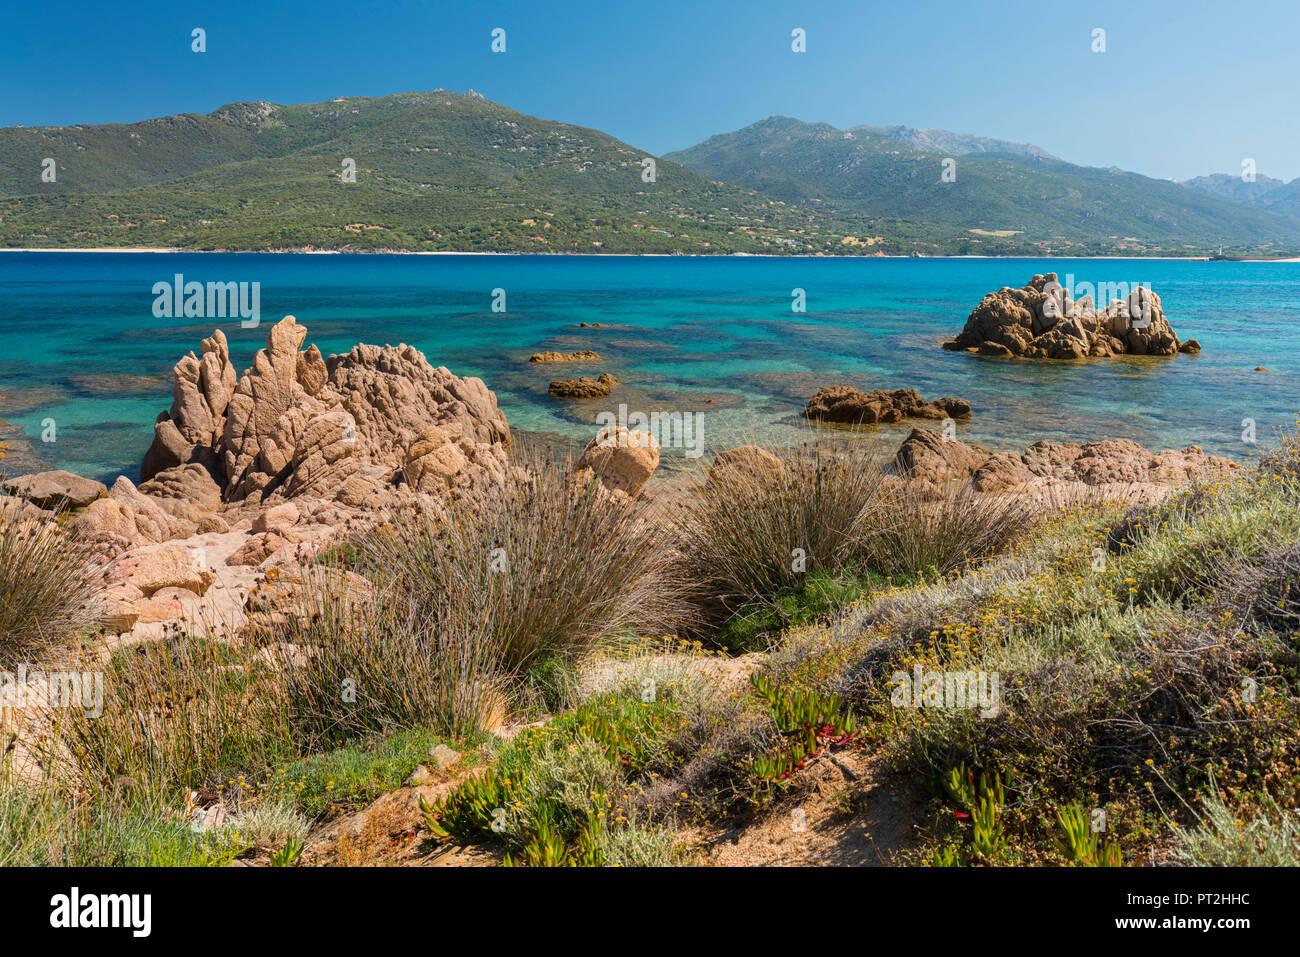 La costa del Golfo di Propriano, Corse du Sud, Corsica, Francia Immagini Stock